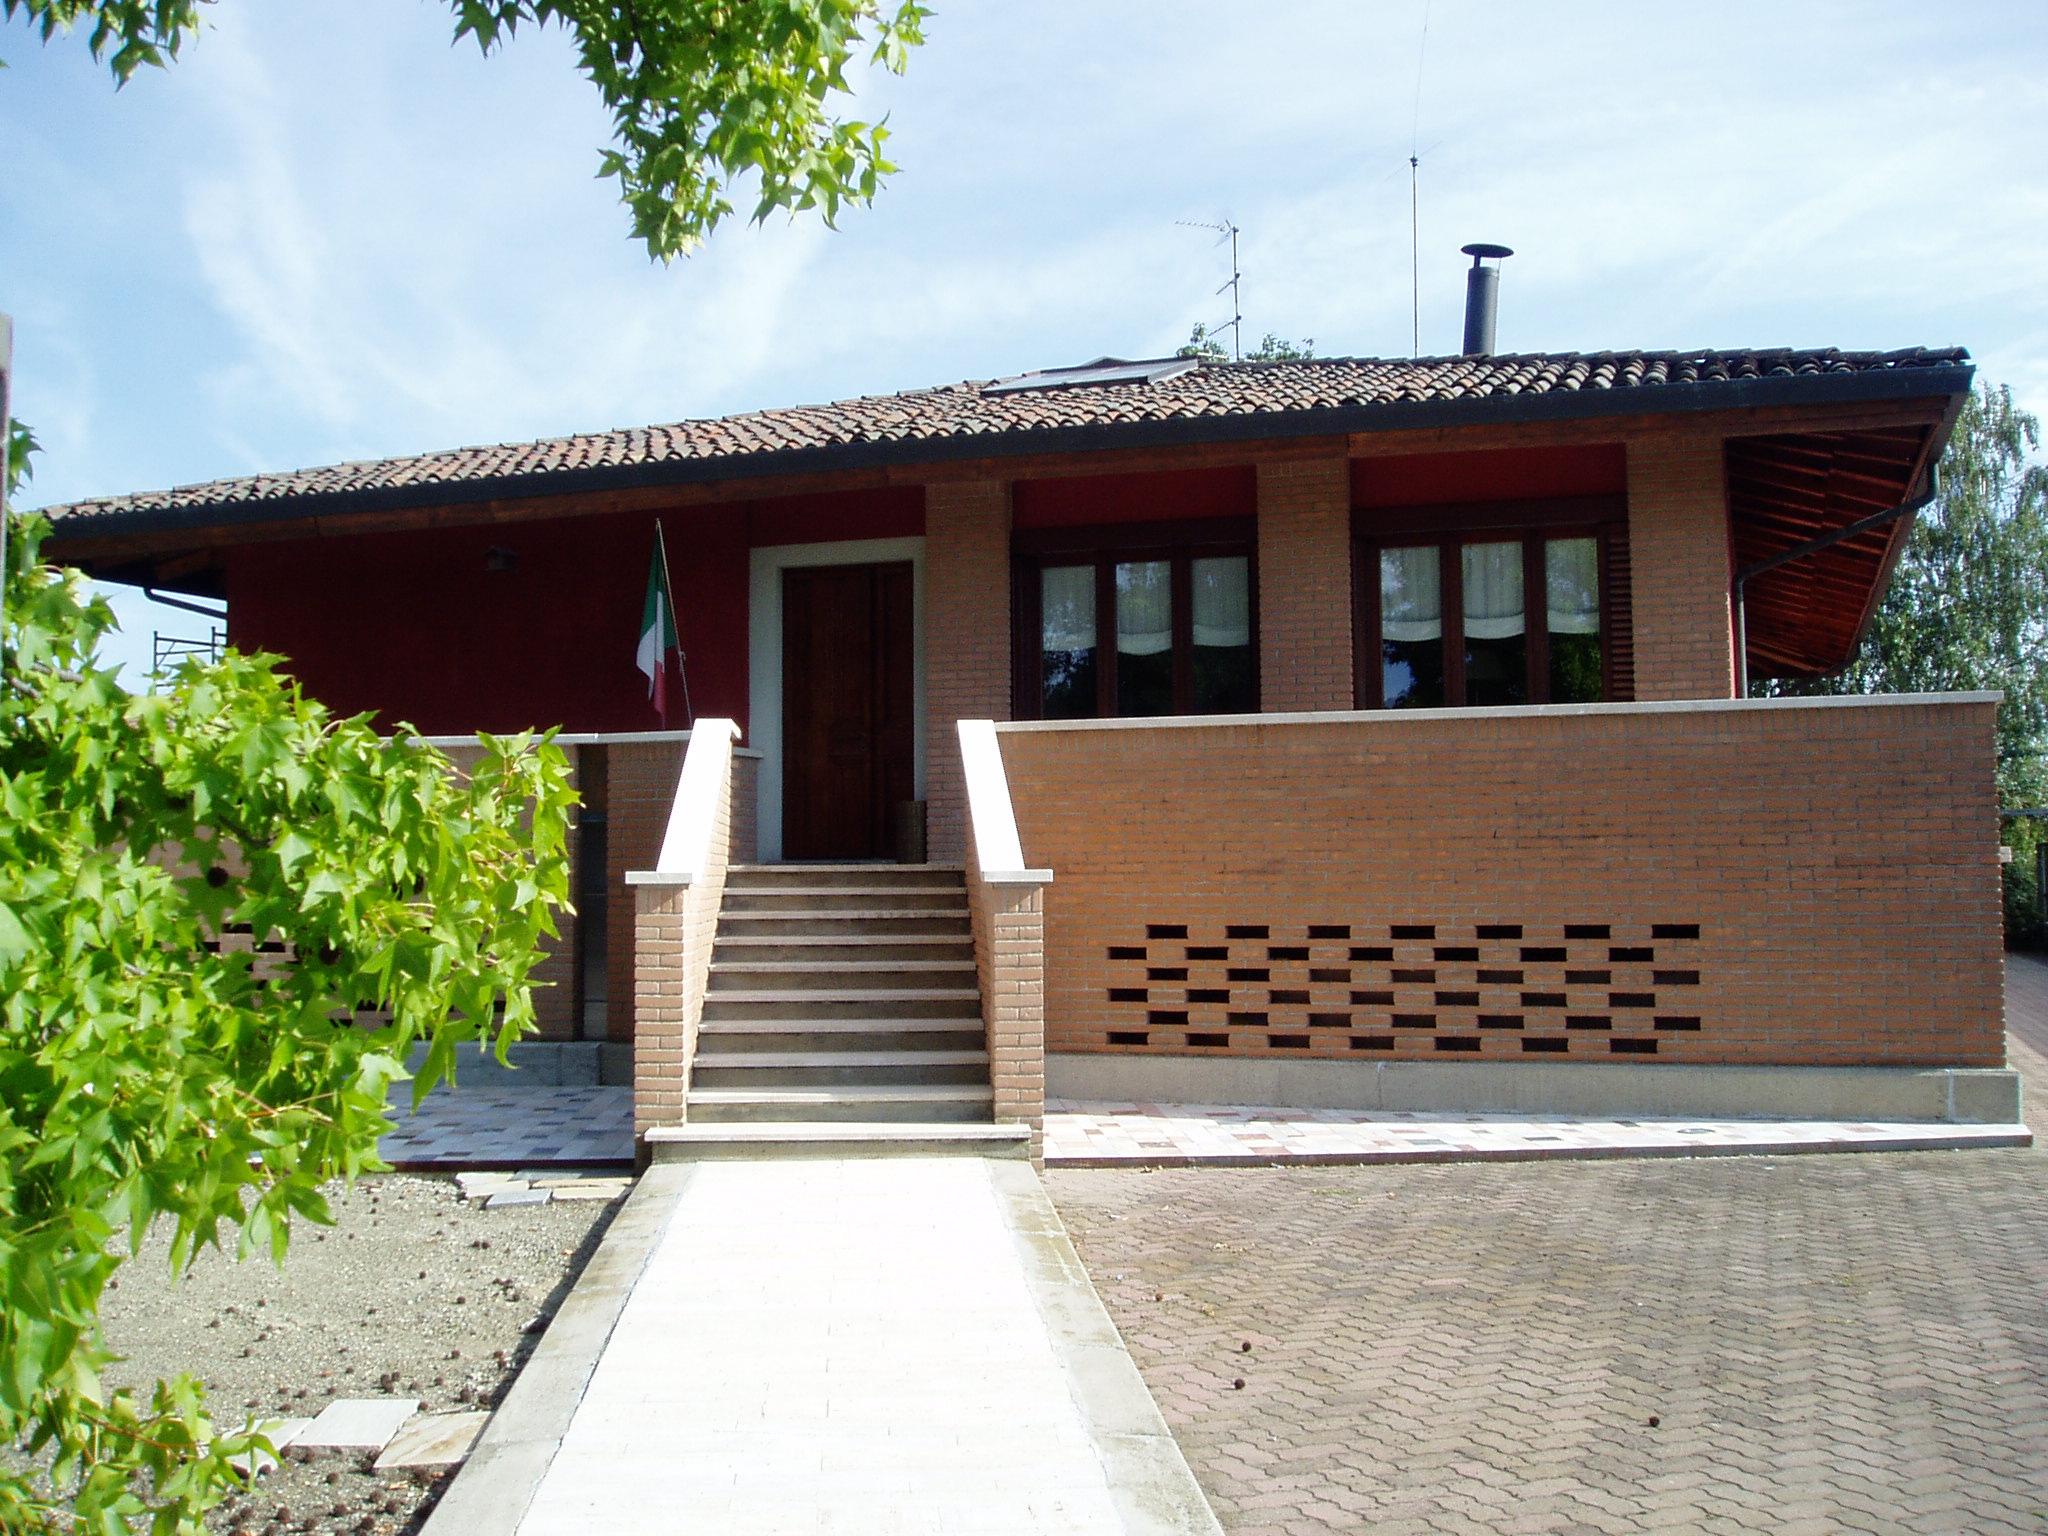 Progetto costruzione casa unifamiliare idee costruzione case - Idee progetto casa ...